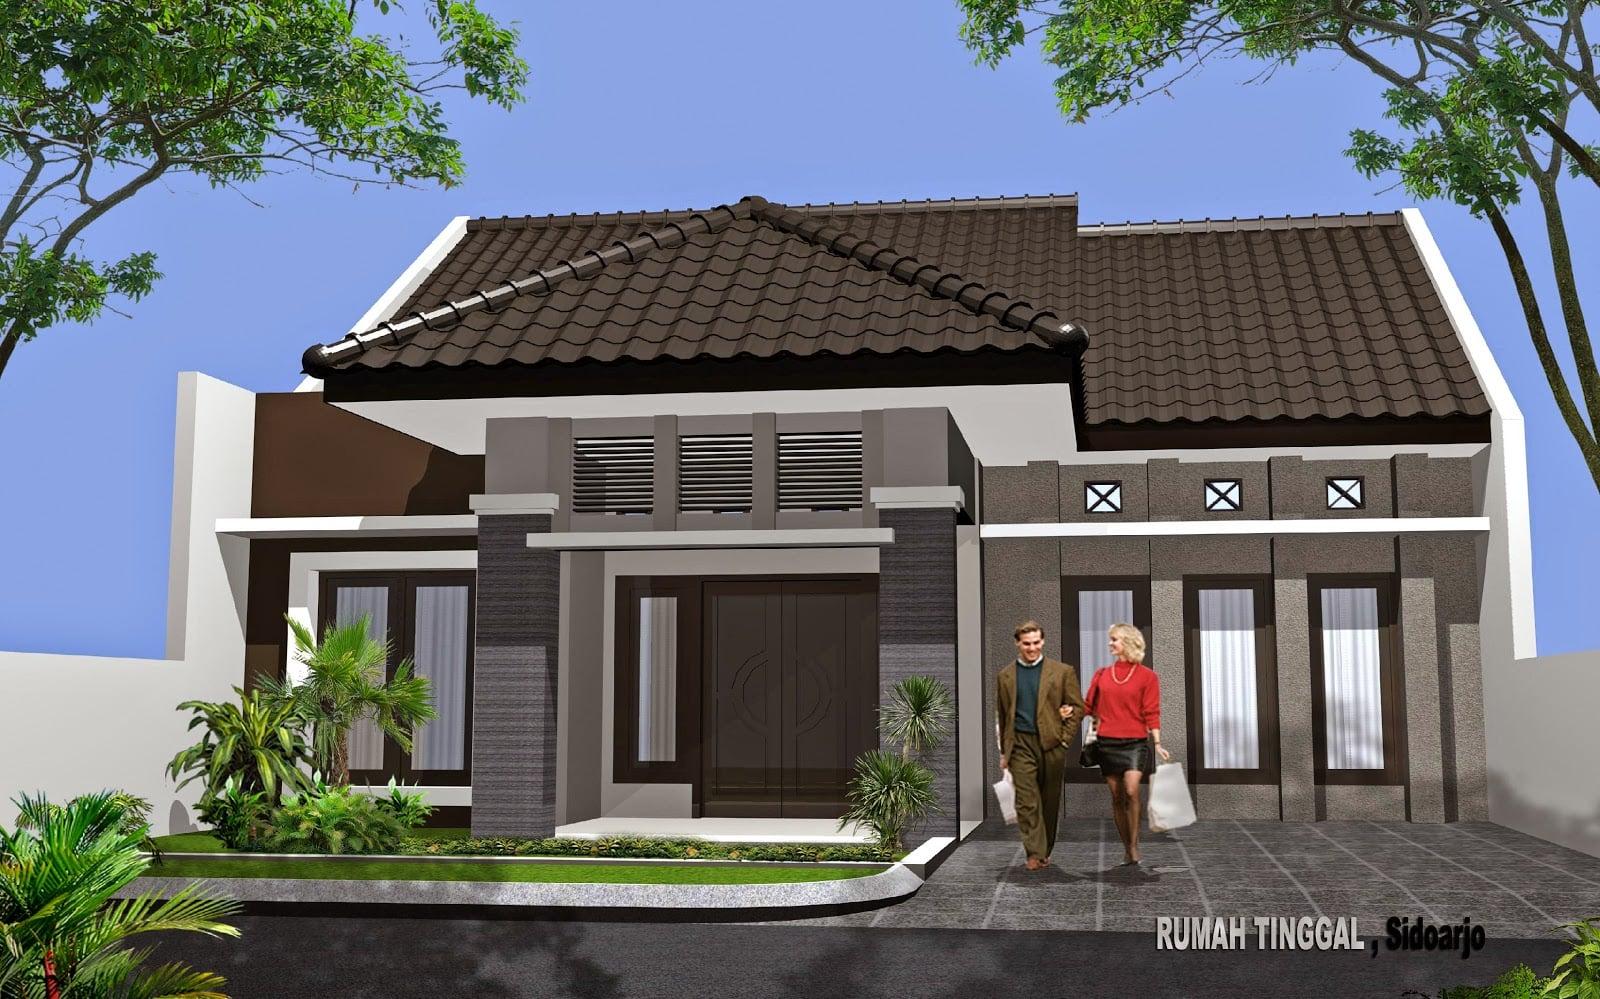 66 Model Desain Rumah Modern Kampung Yang Belum Banyak Diketahui